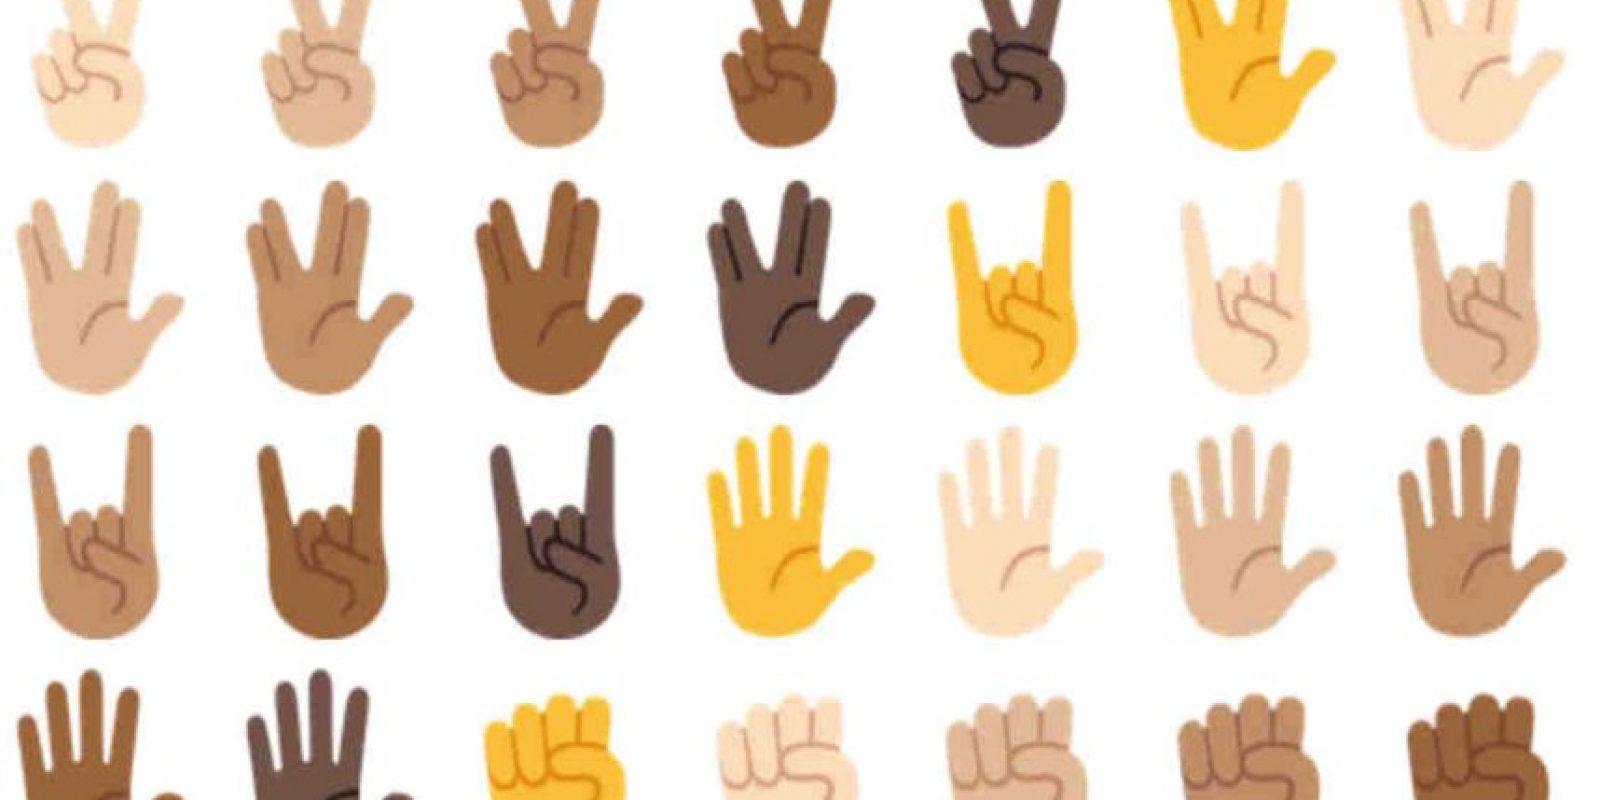 Hace tiempo iOS también presentó este tipo de emoticones. Foto:Emojipedia